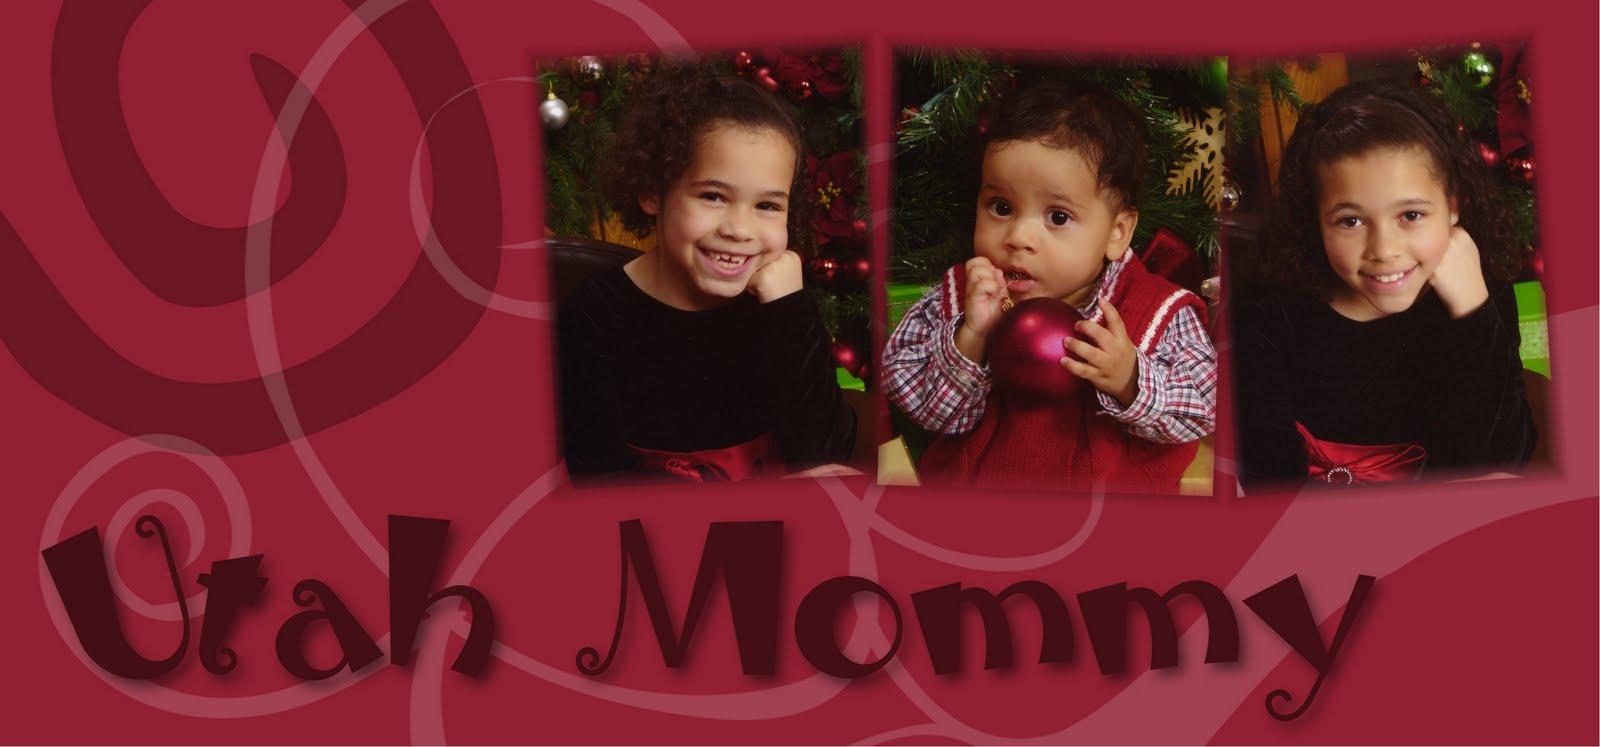 Utah Mommy